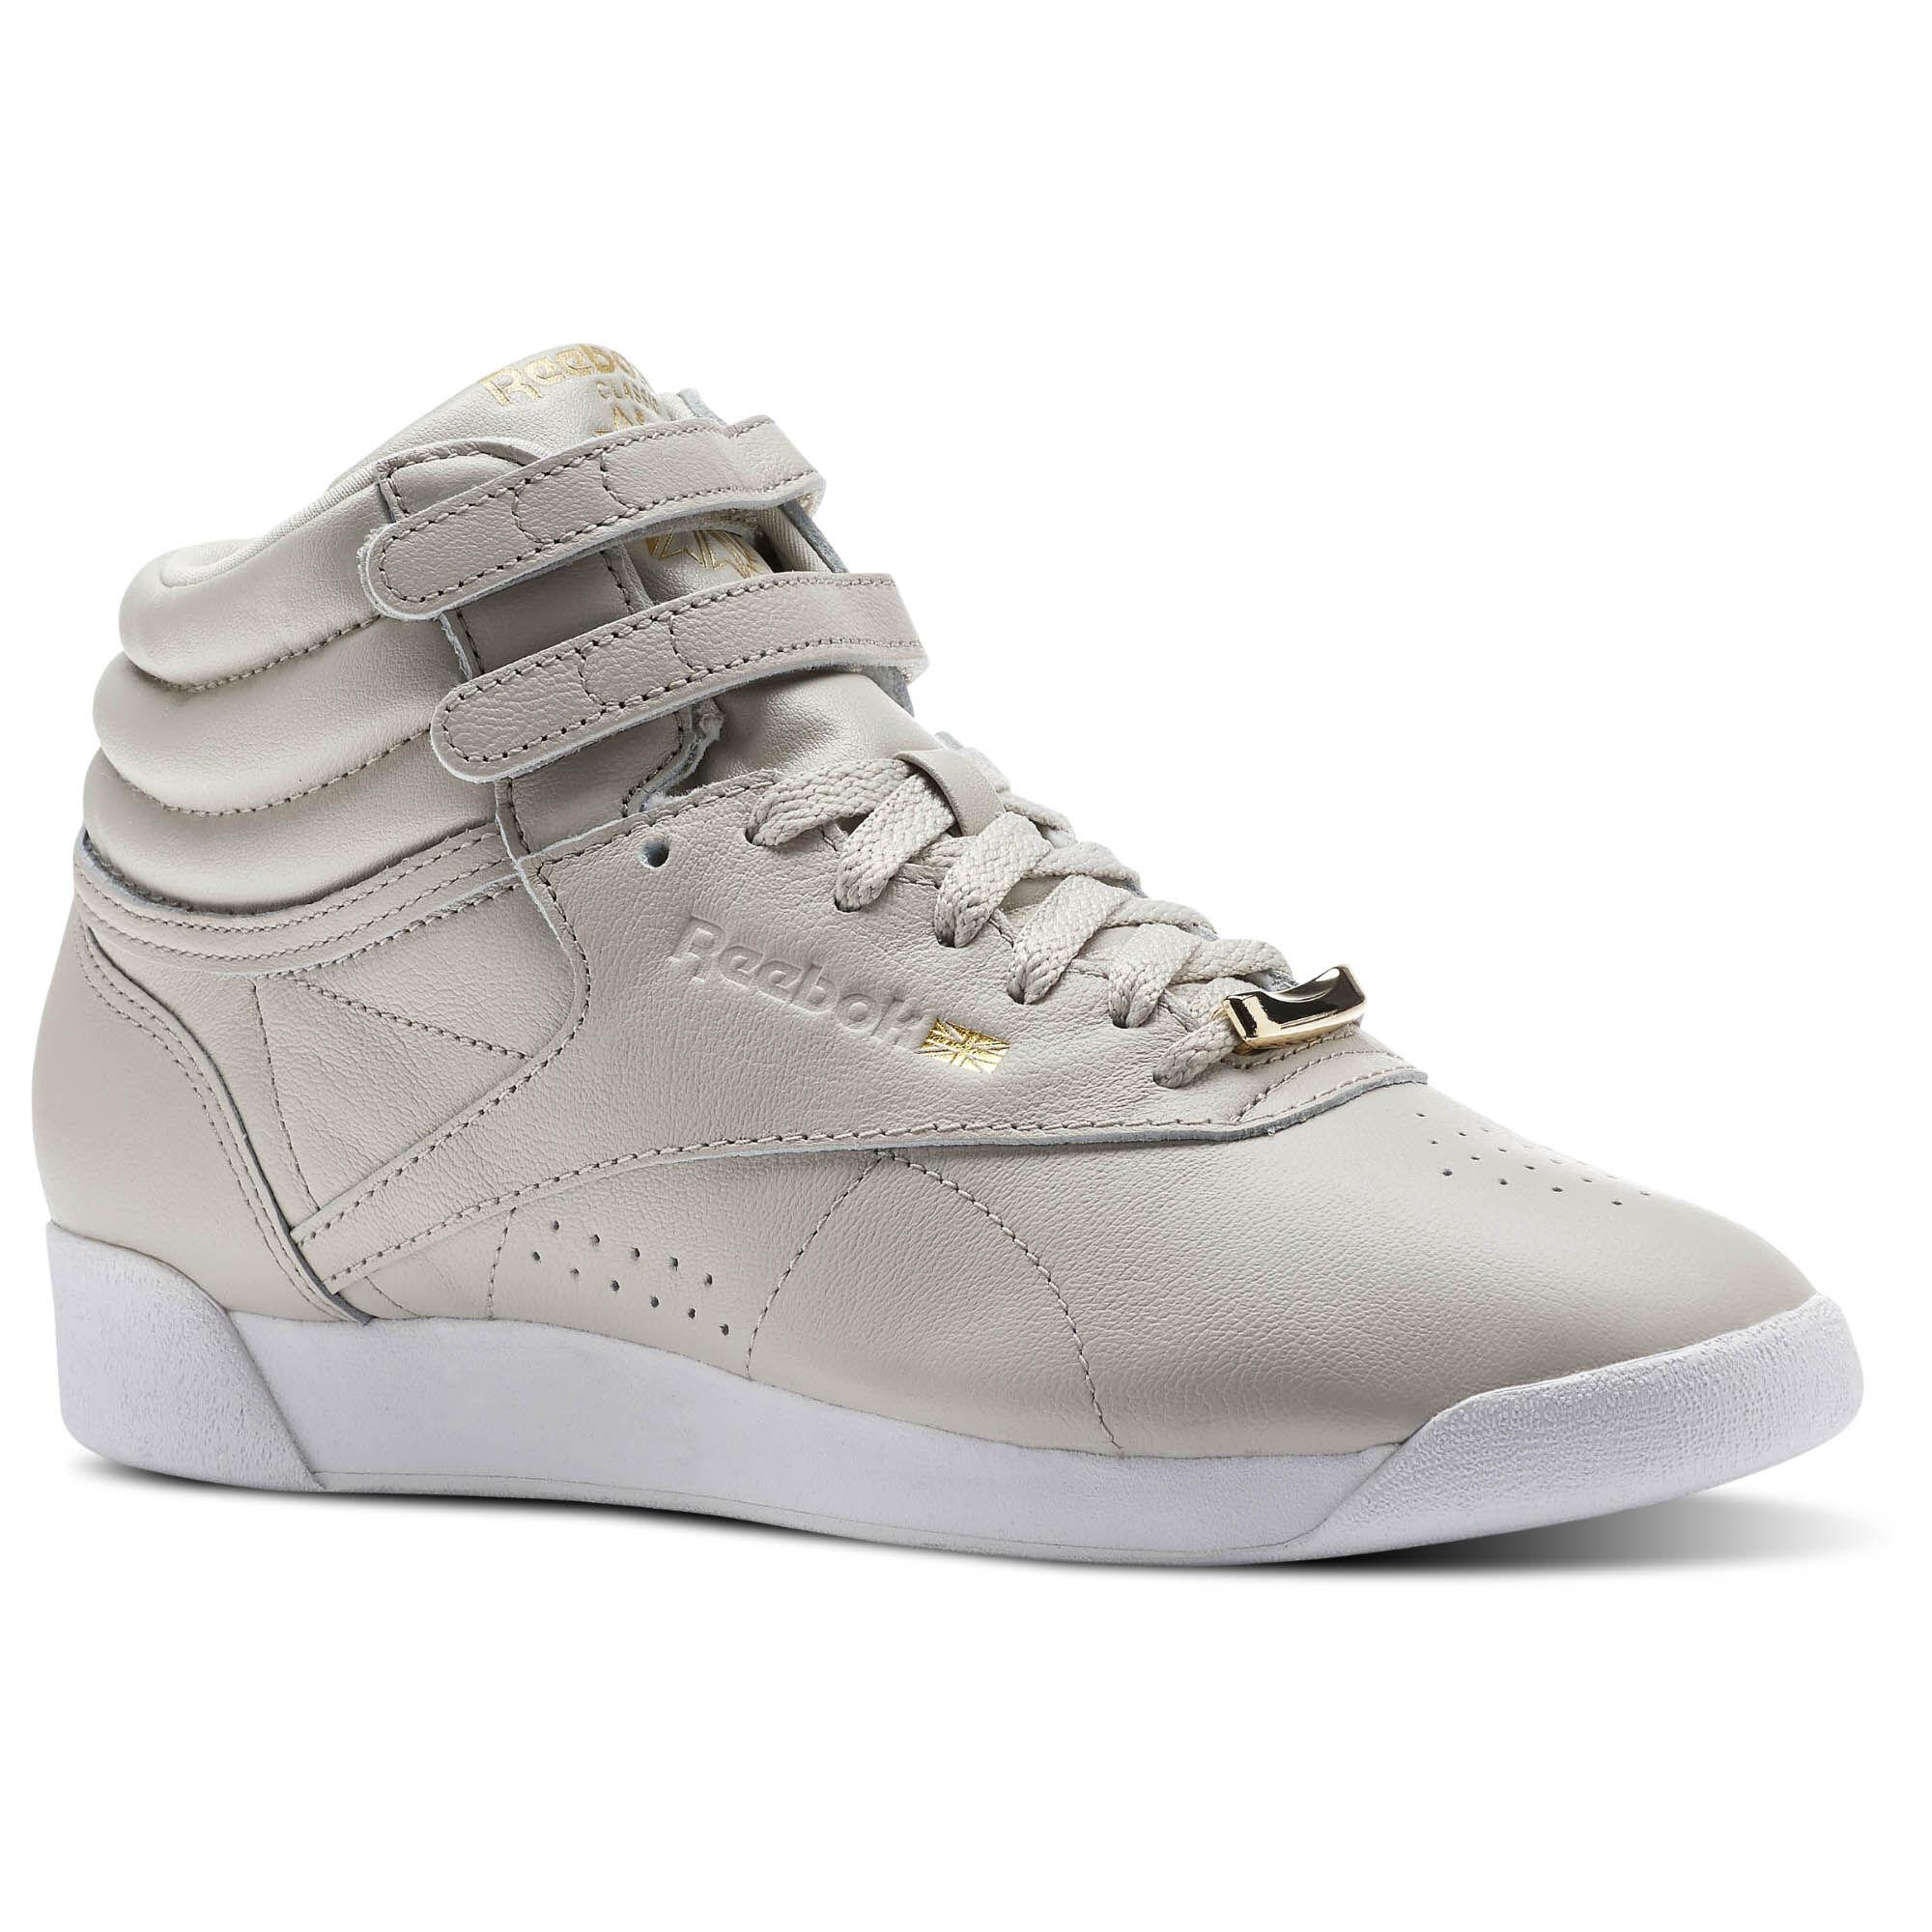 Reebok - Freestyle HI MUTED Beige/Sandstone/White CN1496